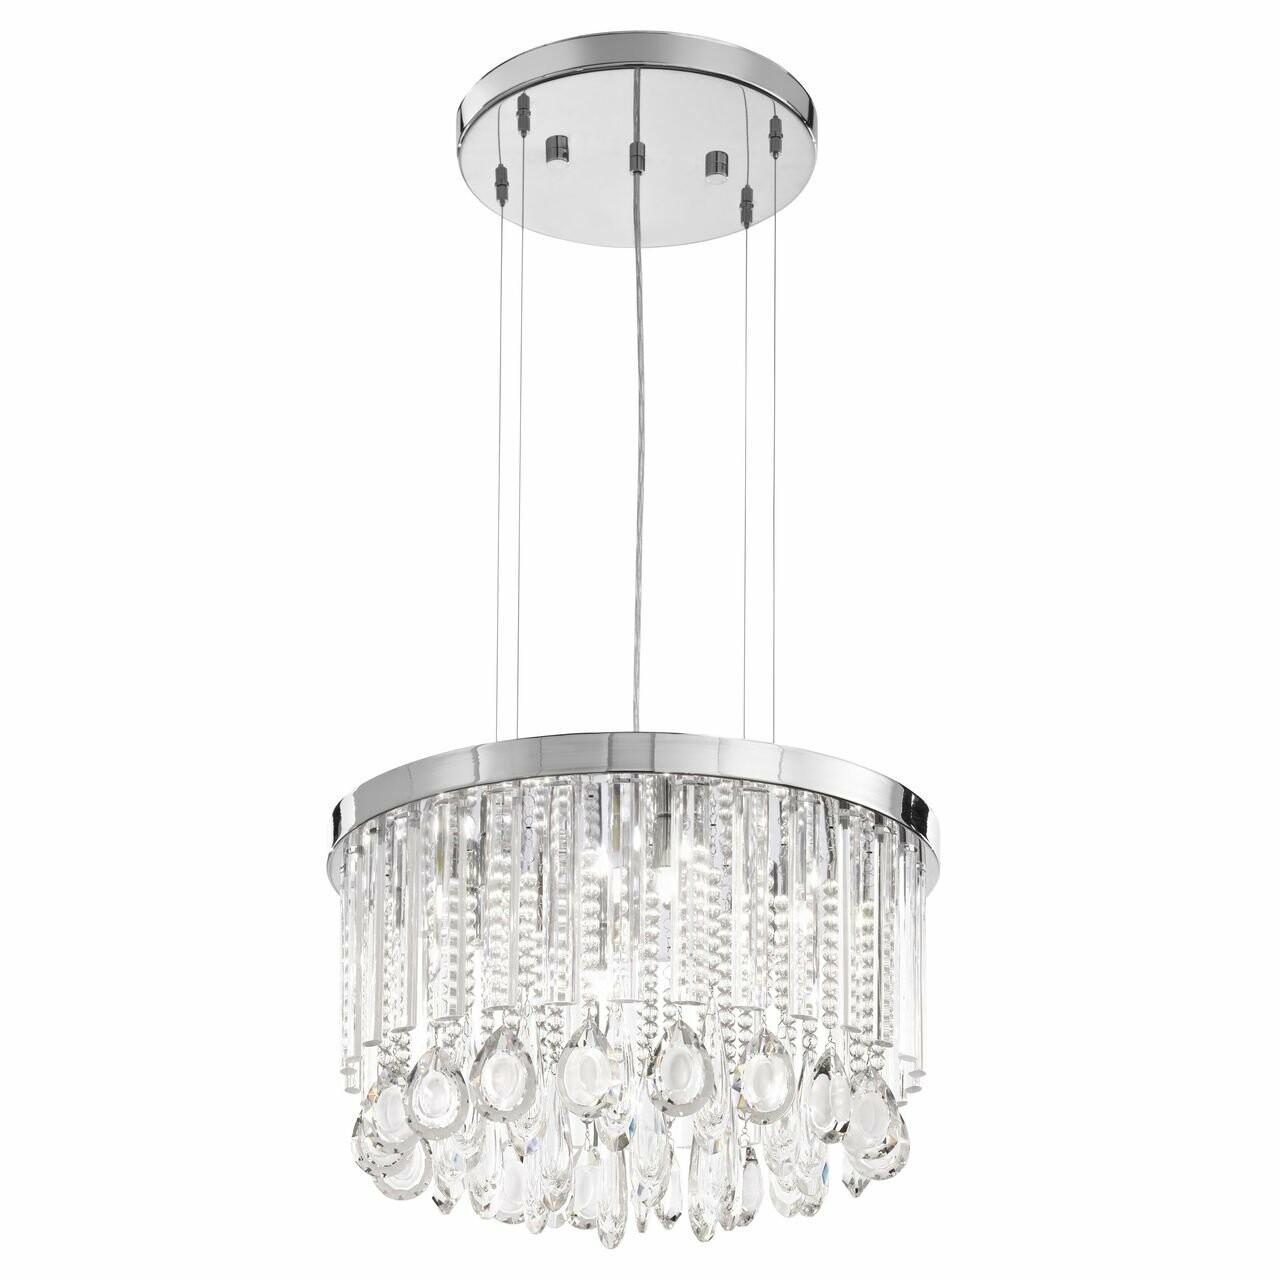 Eglo - фабрика декоративного освещения для вашего дома